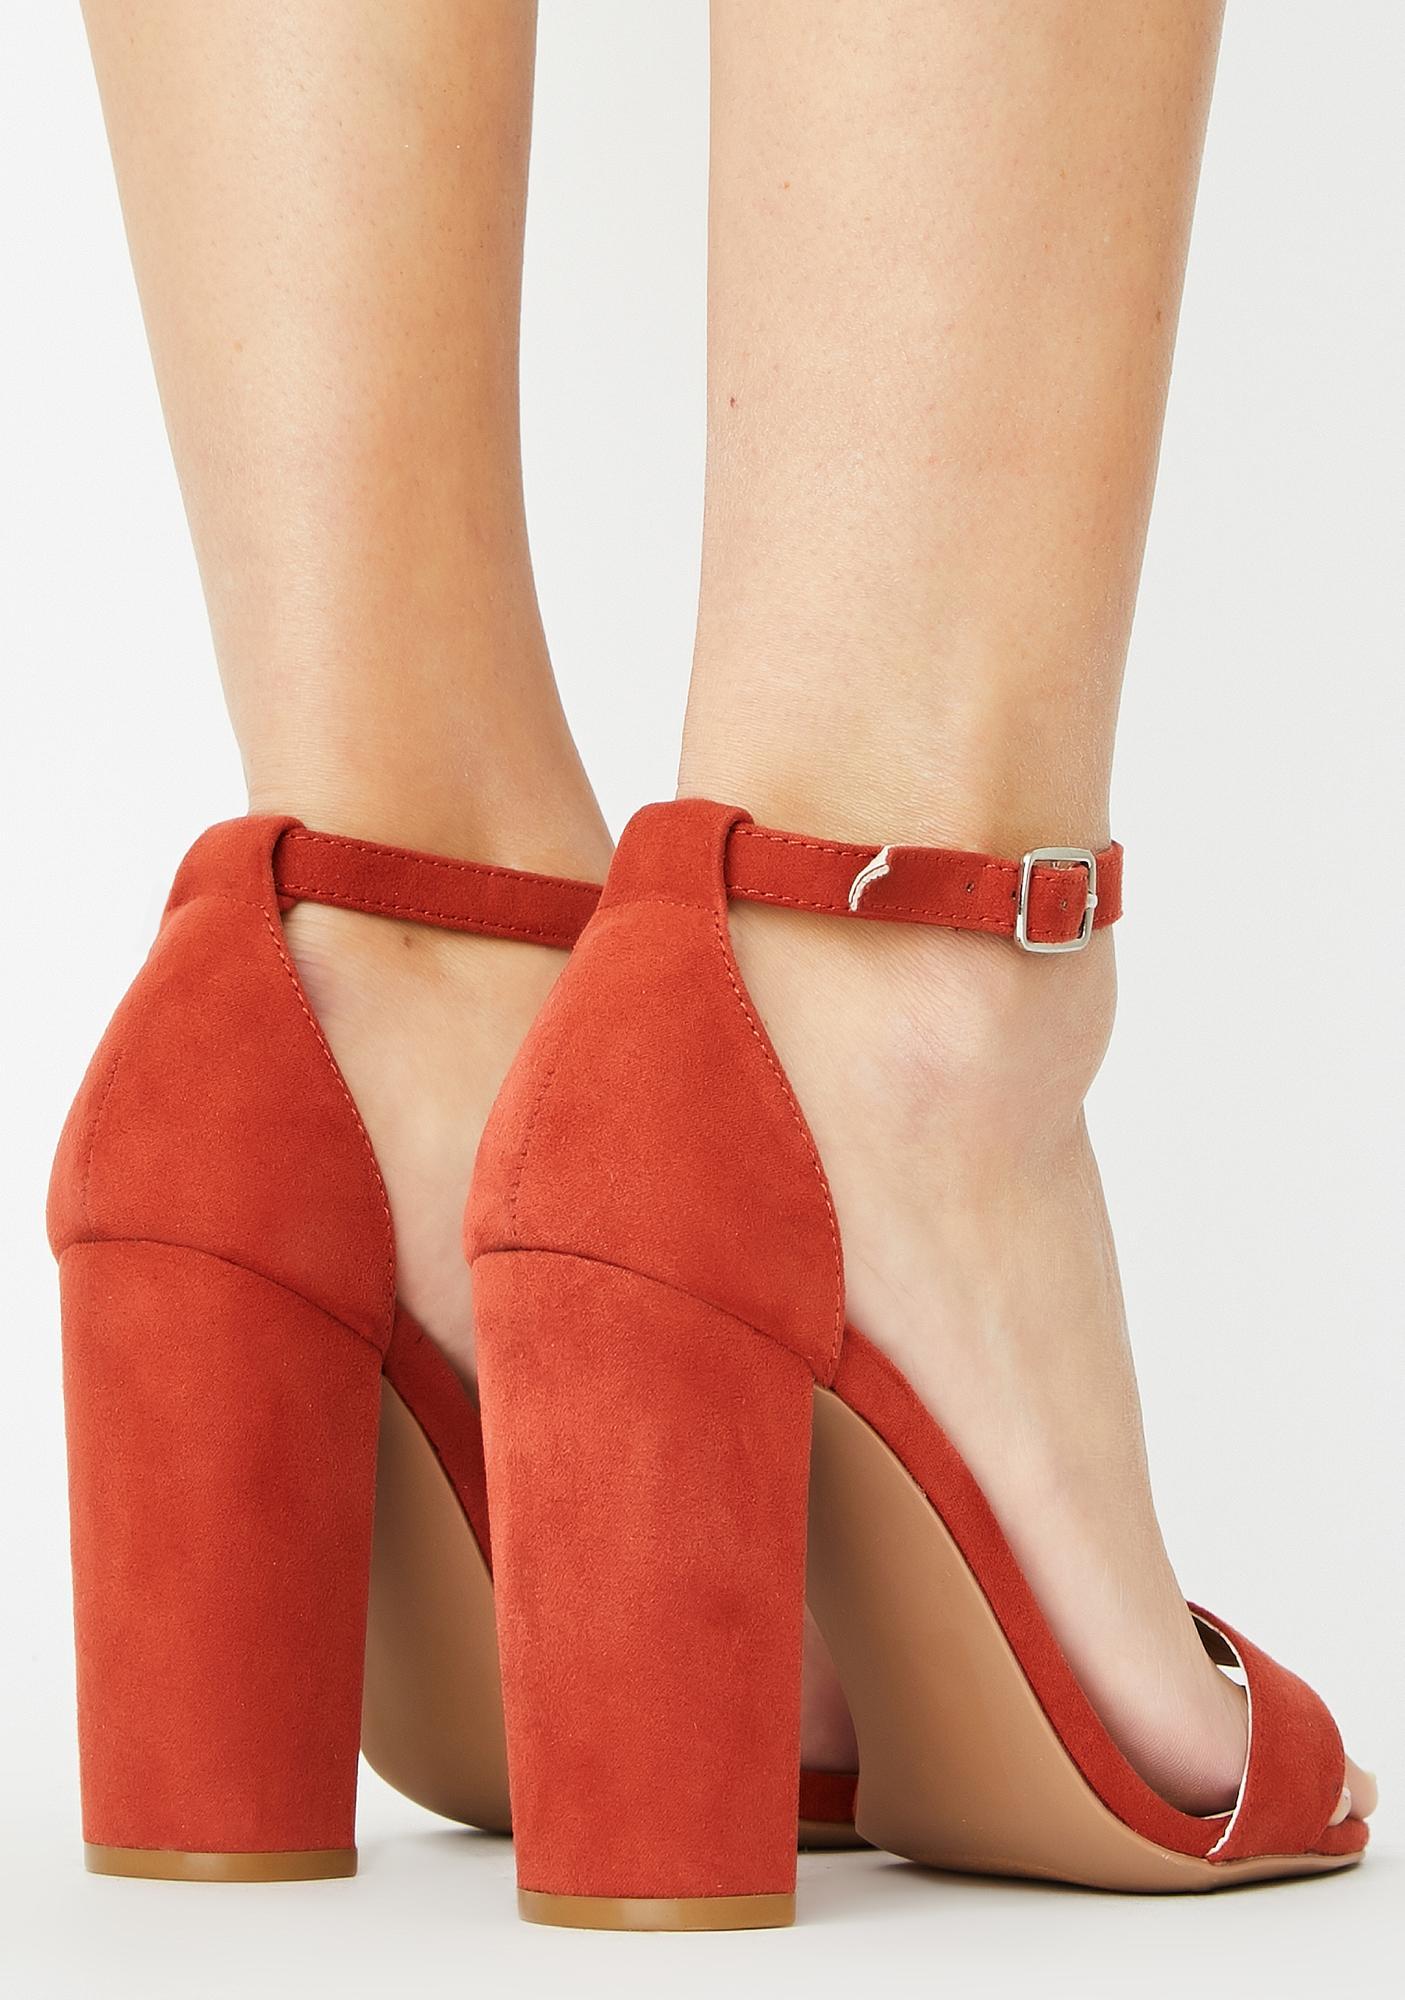 Hottie Always Flossin' Block Heels